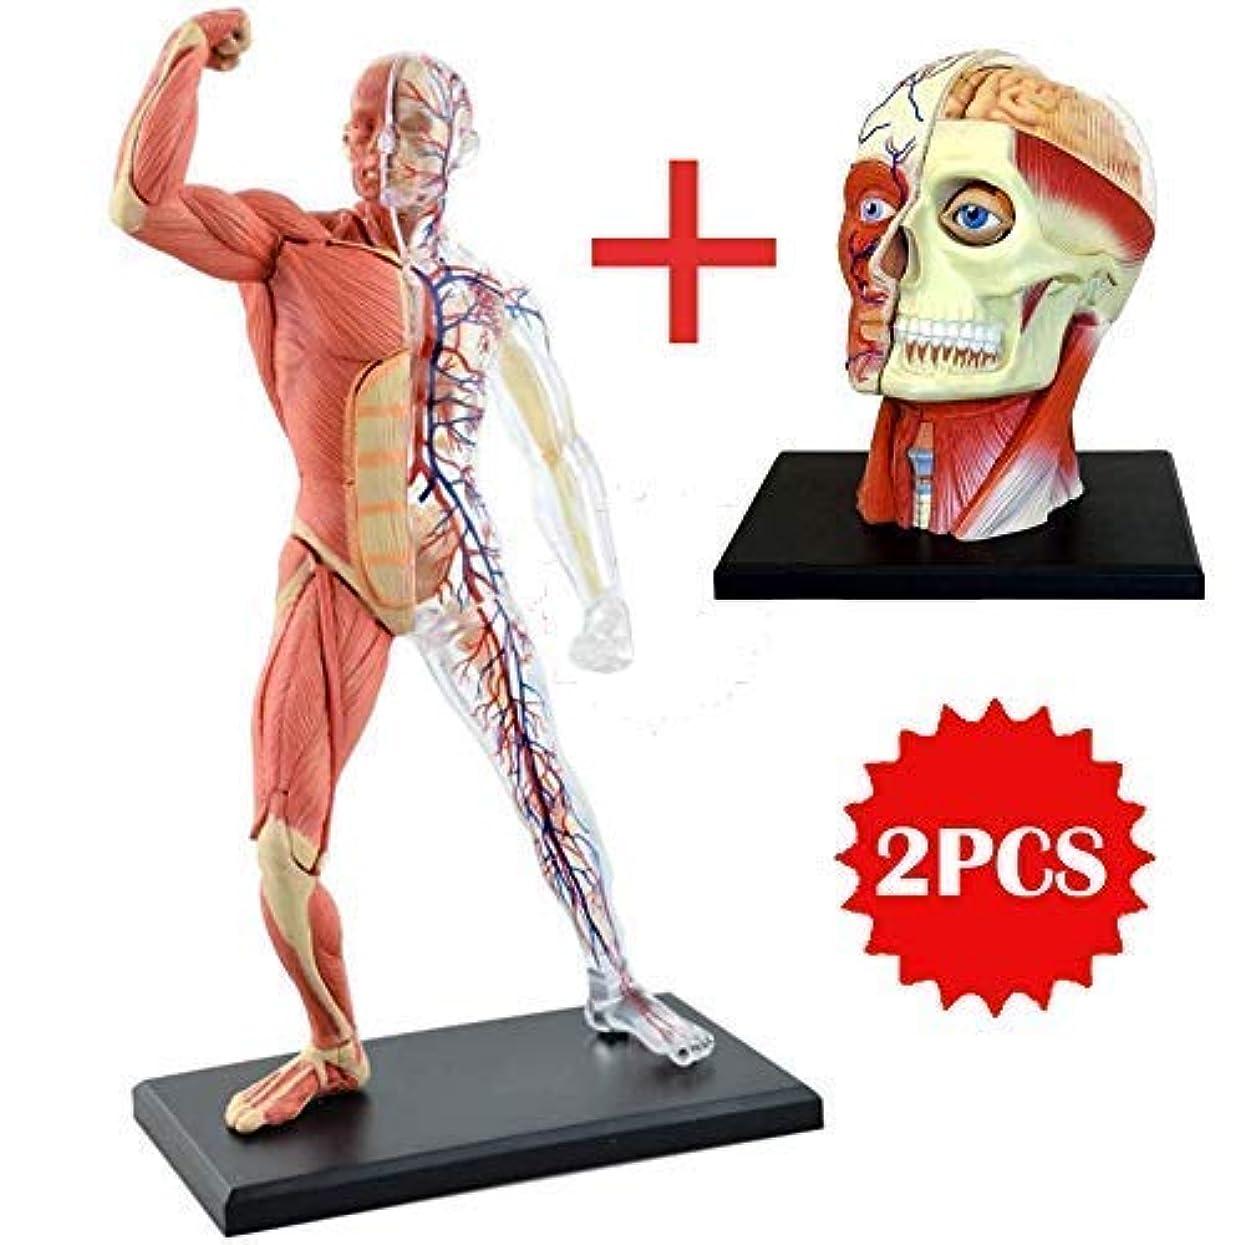 シャッフル誠意メンタルModel 医療解剖学的頭部モデル筋肉解剖学解剖学的モデル取り外し可能な人間の頭蓋骨脳モデル